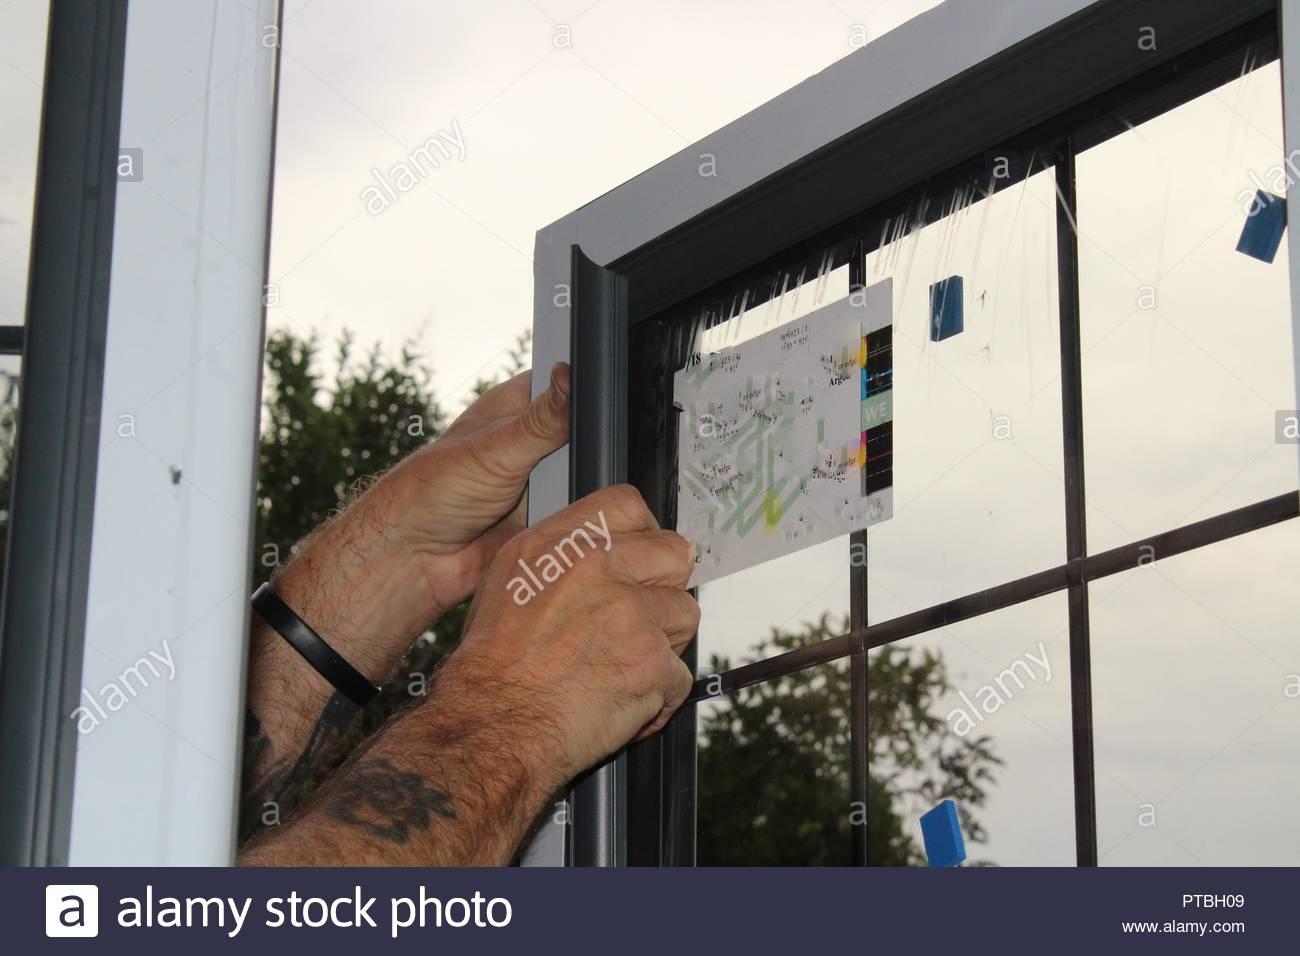 Ein Fenster Austauschen Stockfoto Bild 221530969 Alamy